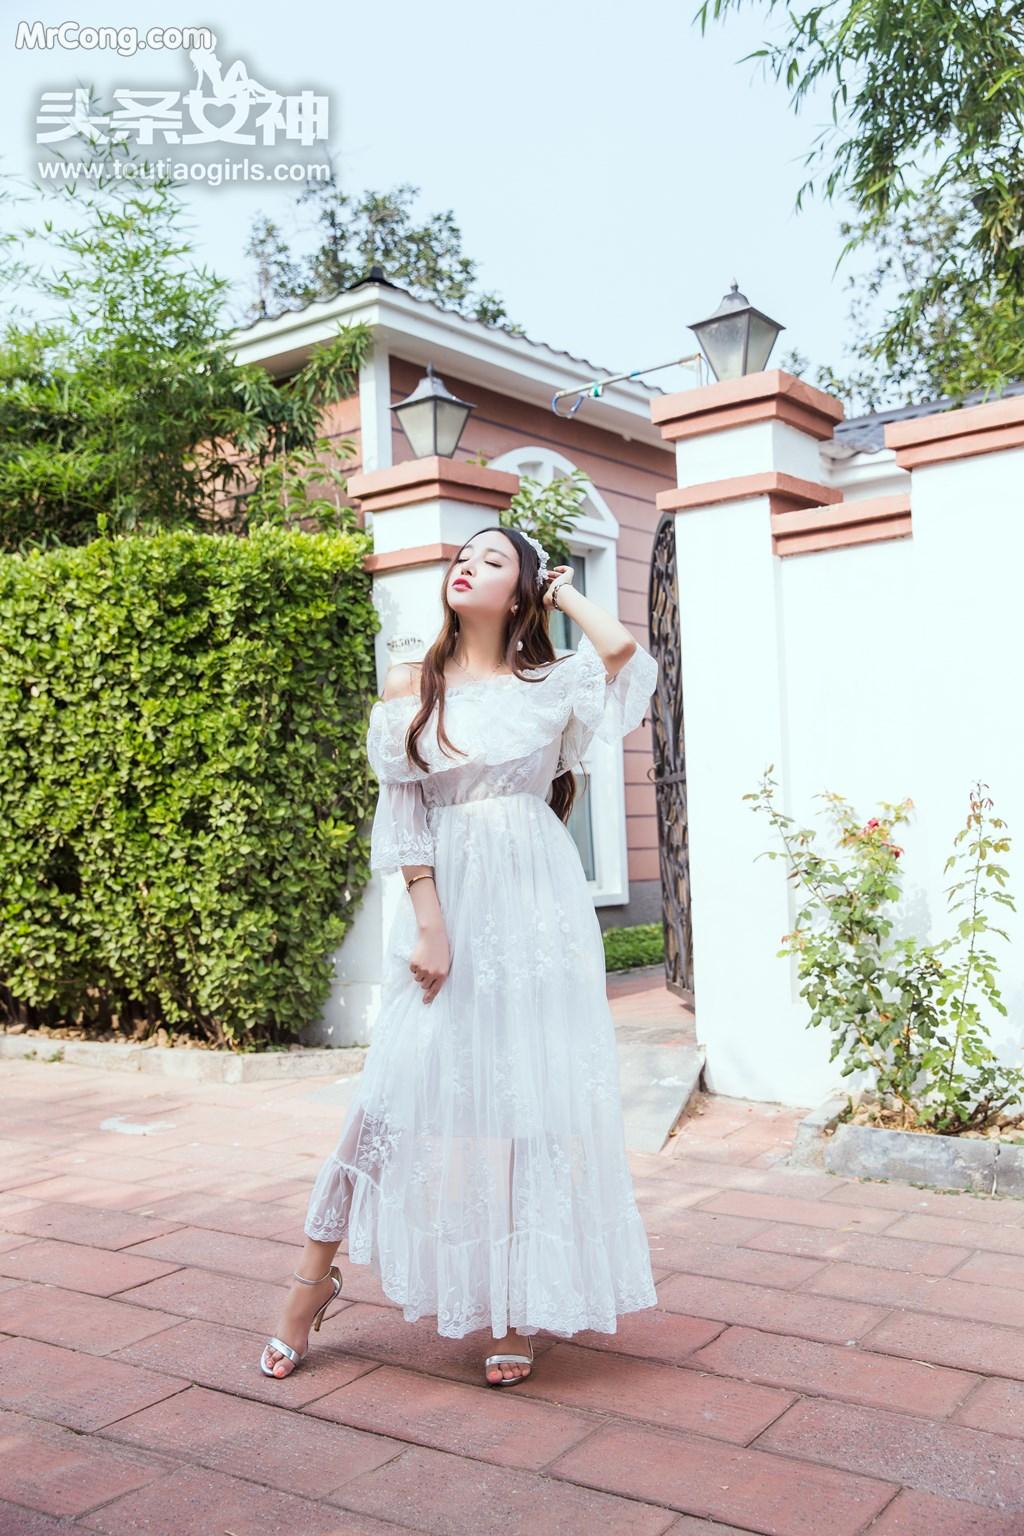 Image TouTiao-2017-08-06-Li-Zi-Xi-MrCong.com-002 in post TouTiao 2017-08-06: Người mẫu Li Zi Xi (李梓熙) (37 ảnh)